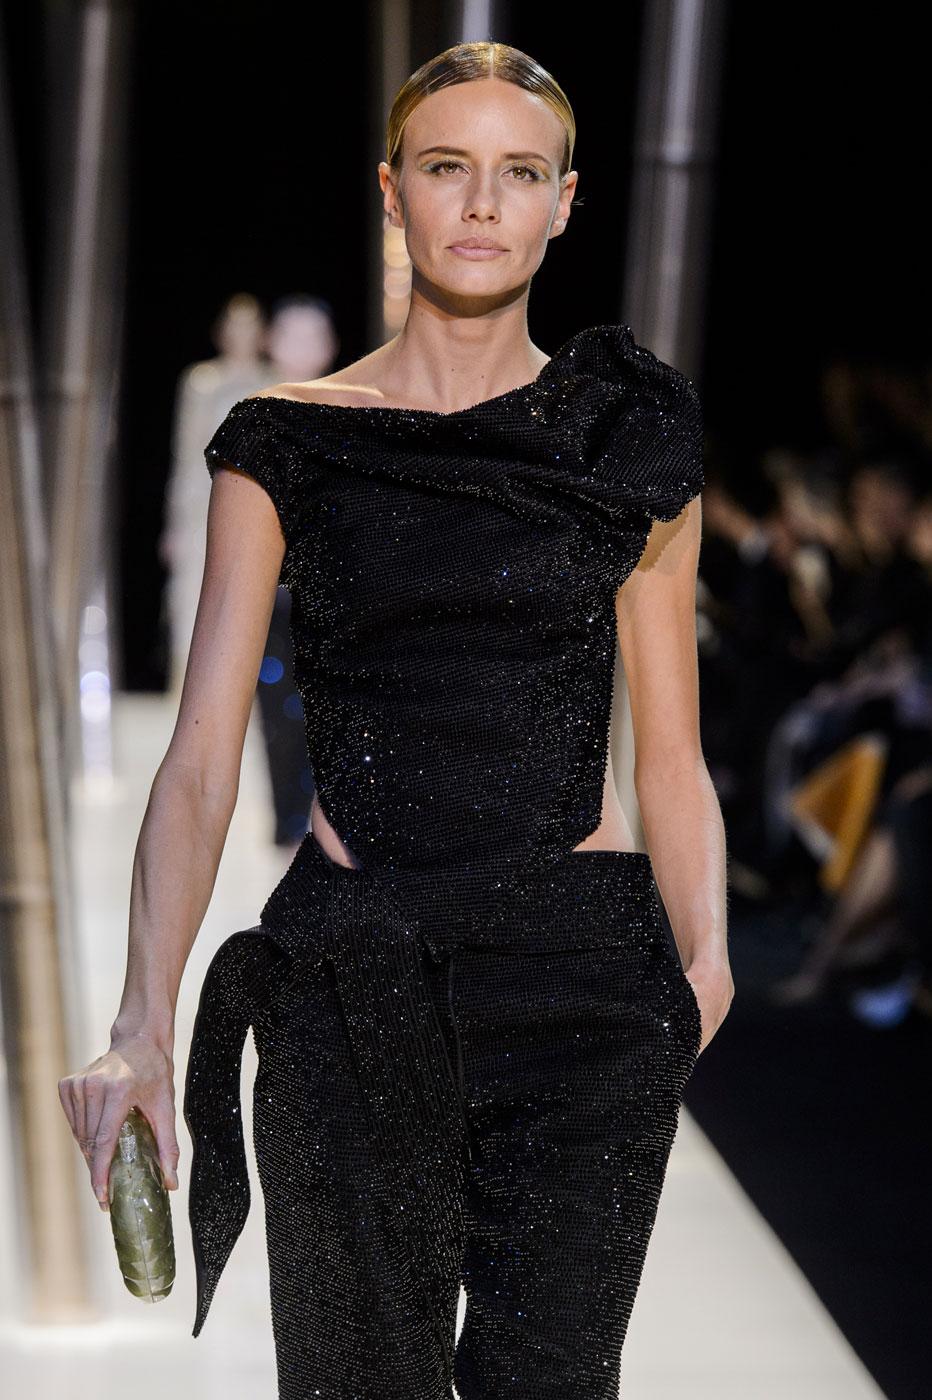 Giorgio-armani-Prive-fashion-runway-show-haute-couture-paris-spring-2015-the-impression-080